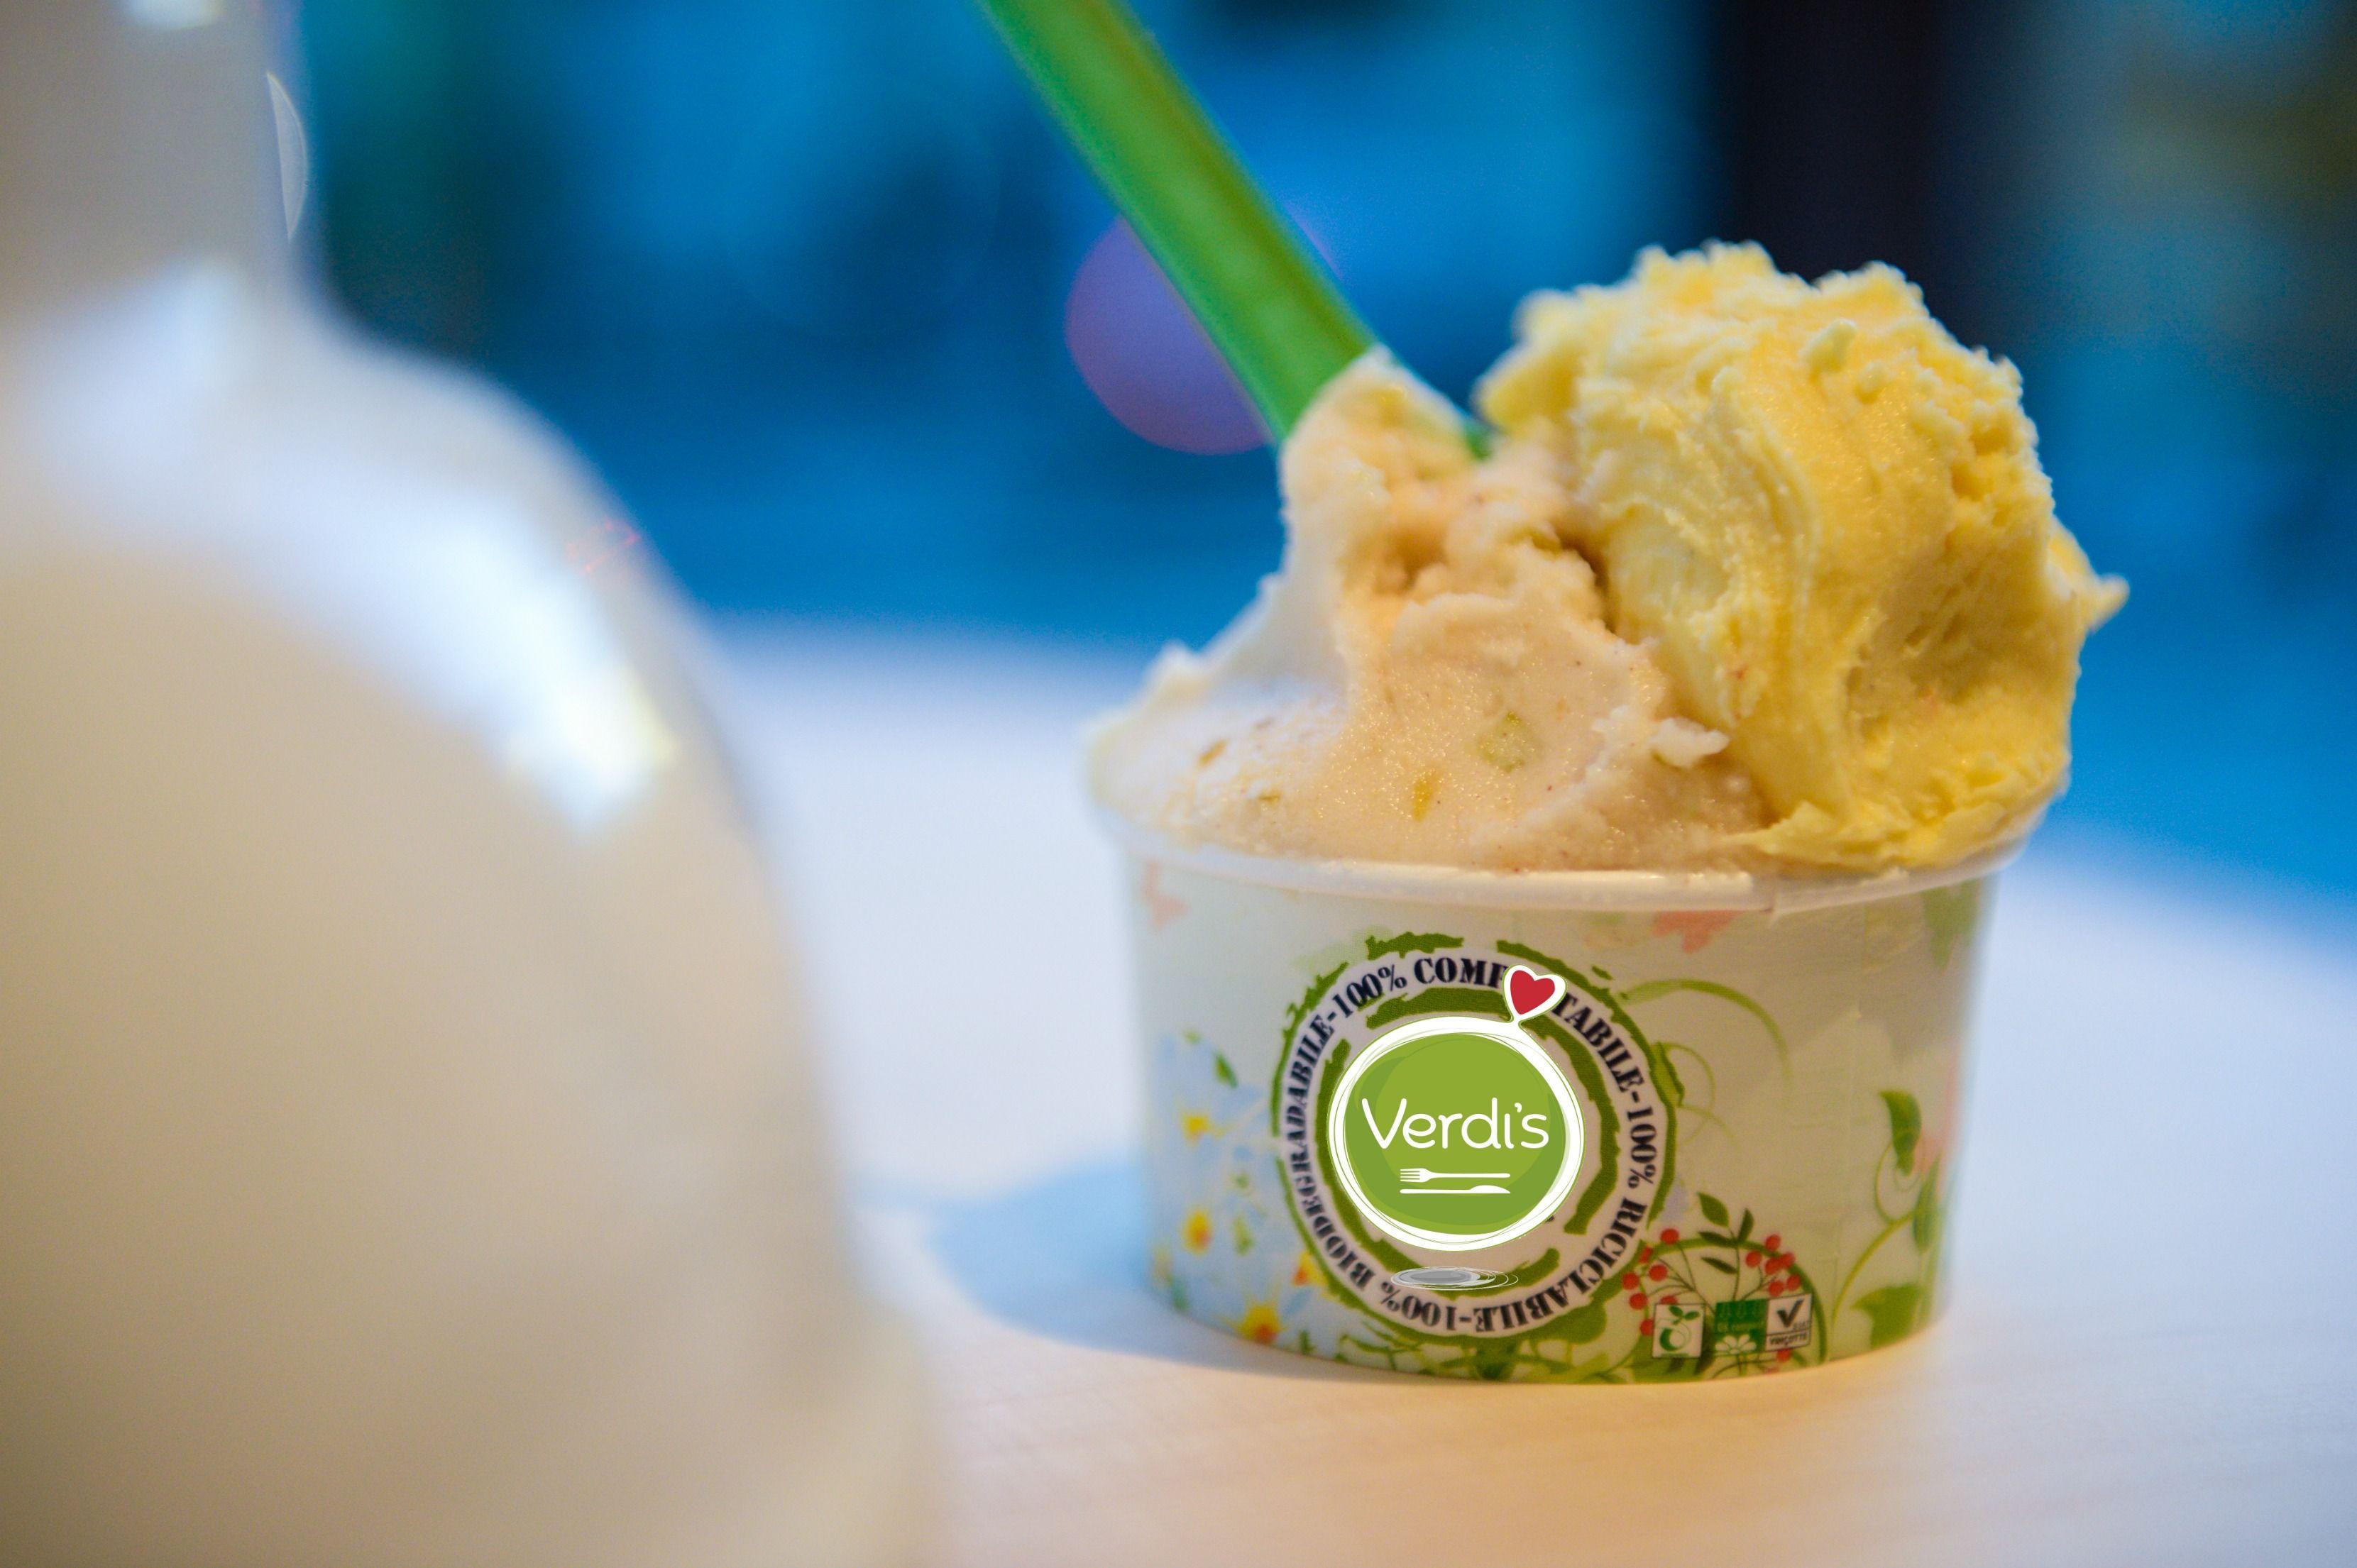 Cono o coppetta? La primavera è servita... venite a scoprire le proprietà del gelato! http://www.verdi-s.it/blog #foody #expo2015 #food #icecream #gelato #verdis #sanoappetito #crema #primavera #milano #coppetta #merenda #pranzo